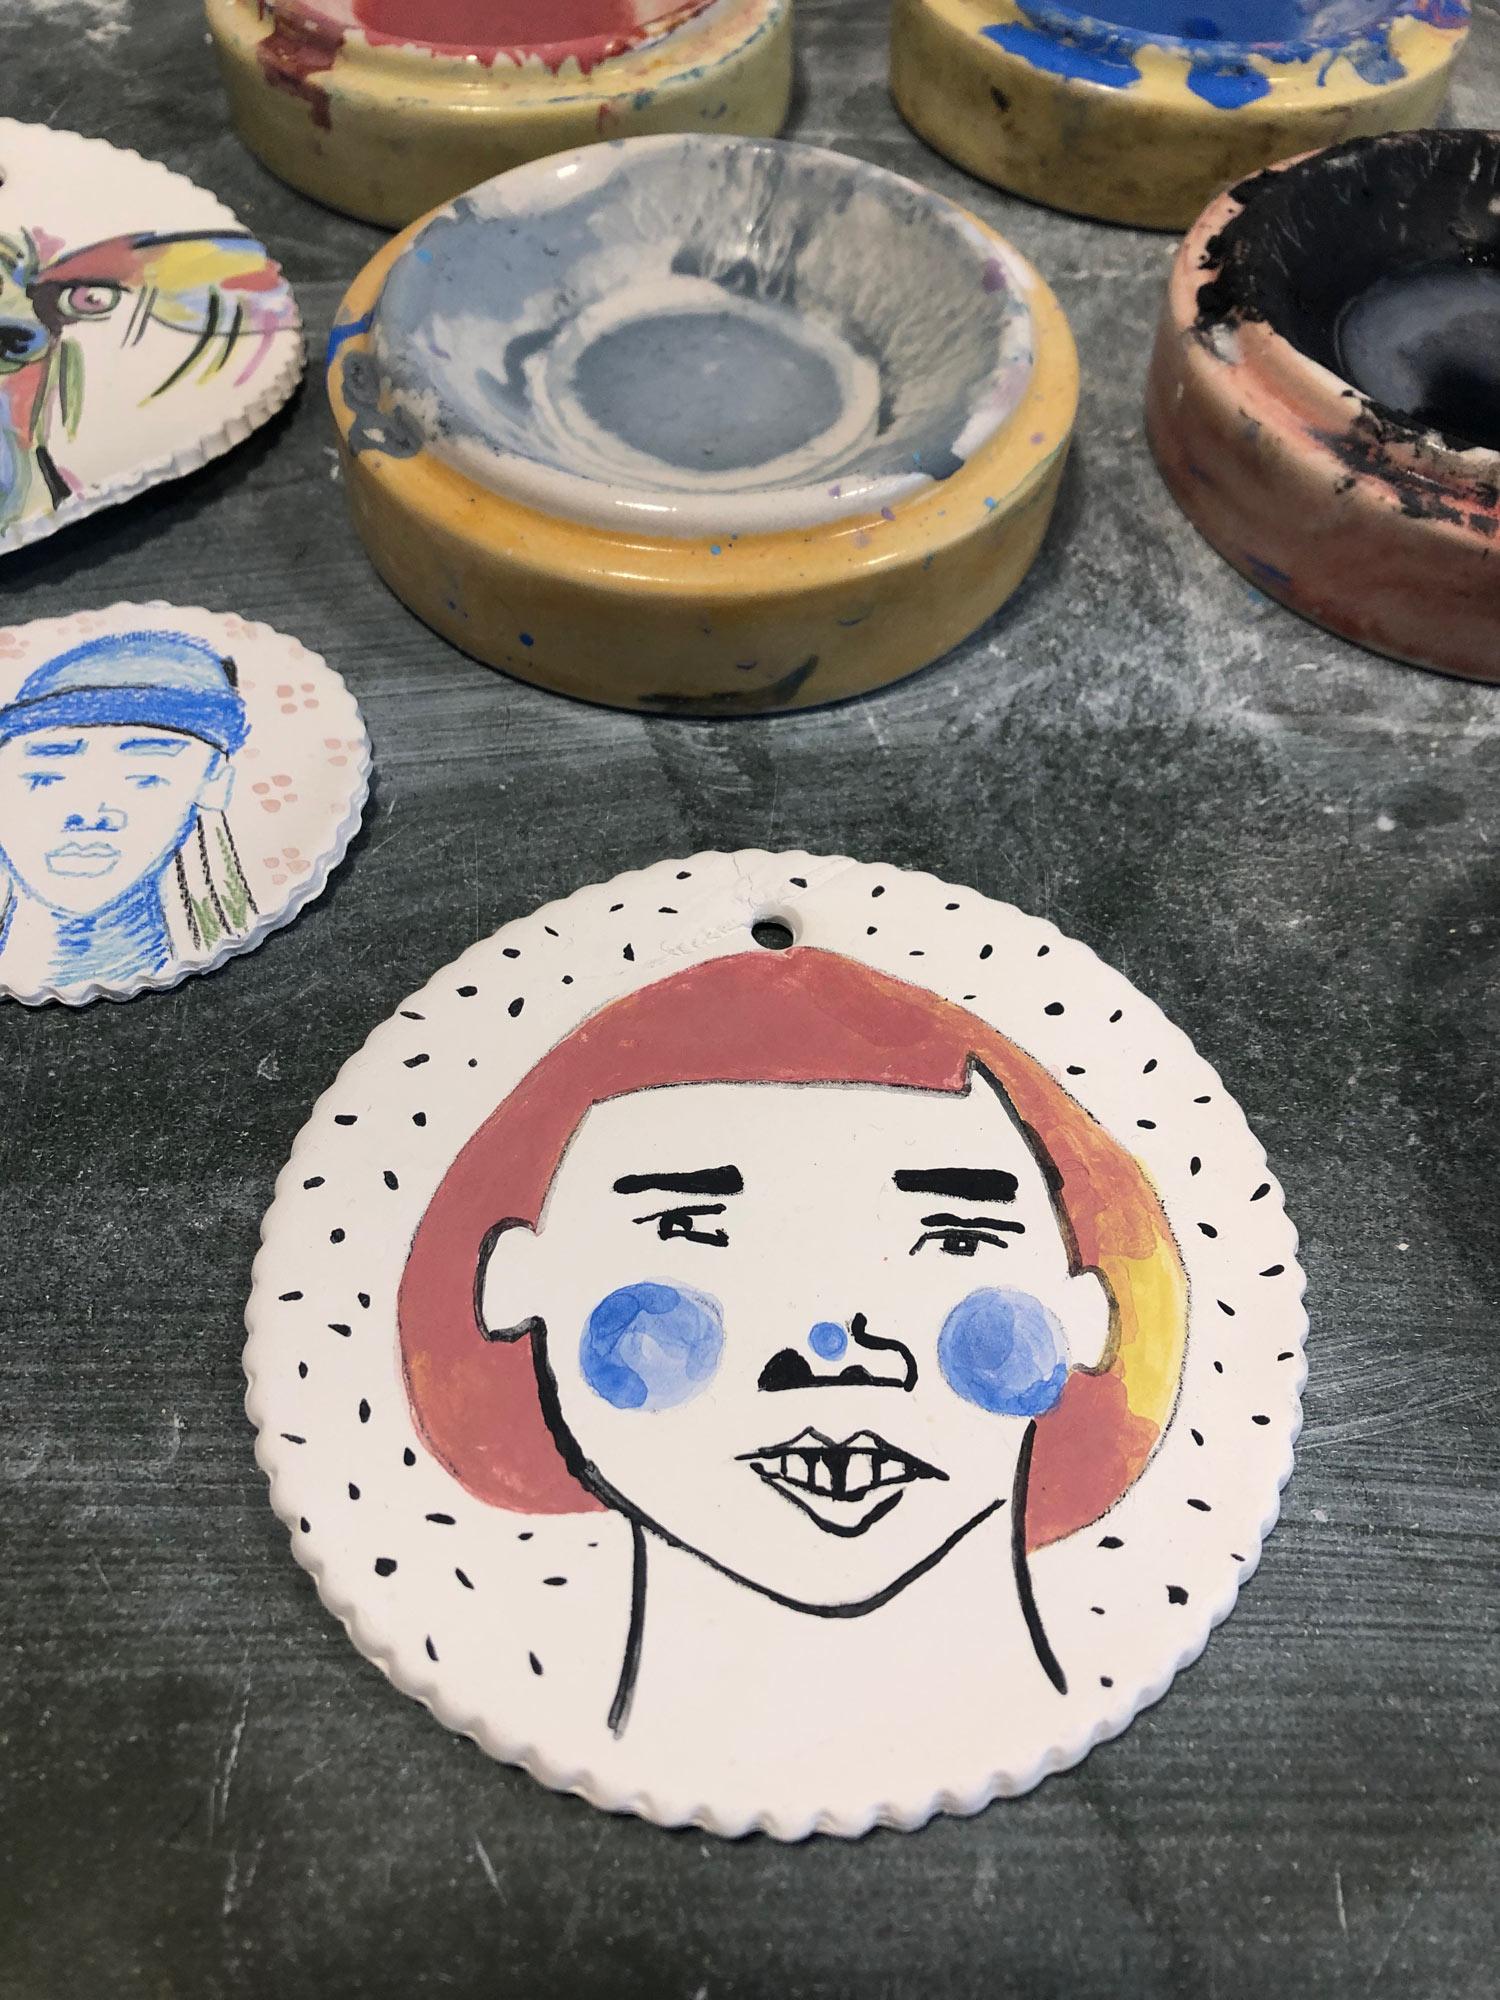 Dokumentation des ersten Tests, auf Keramik zu malen.